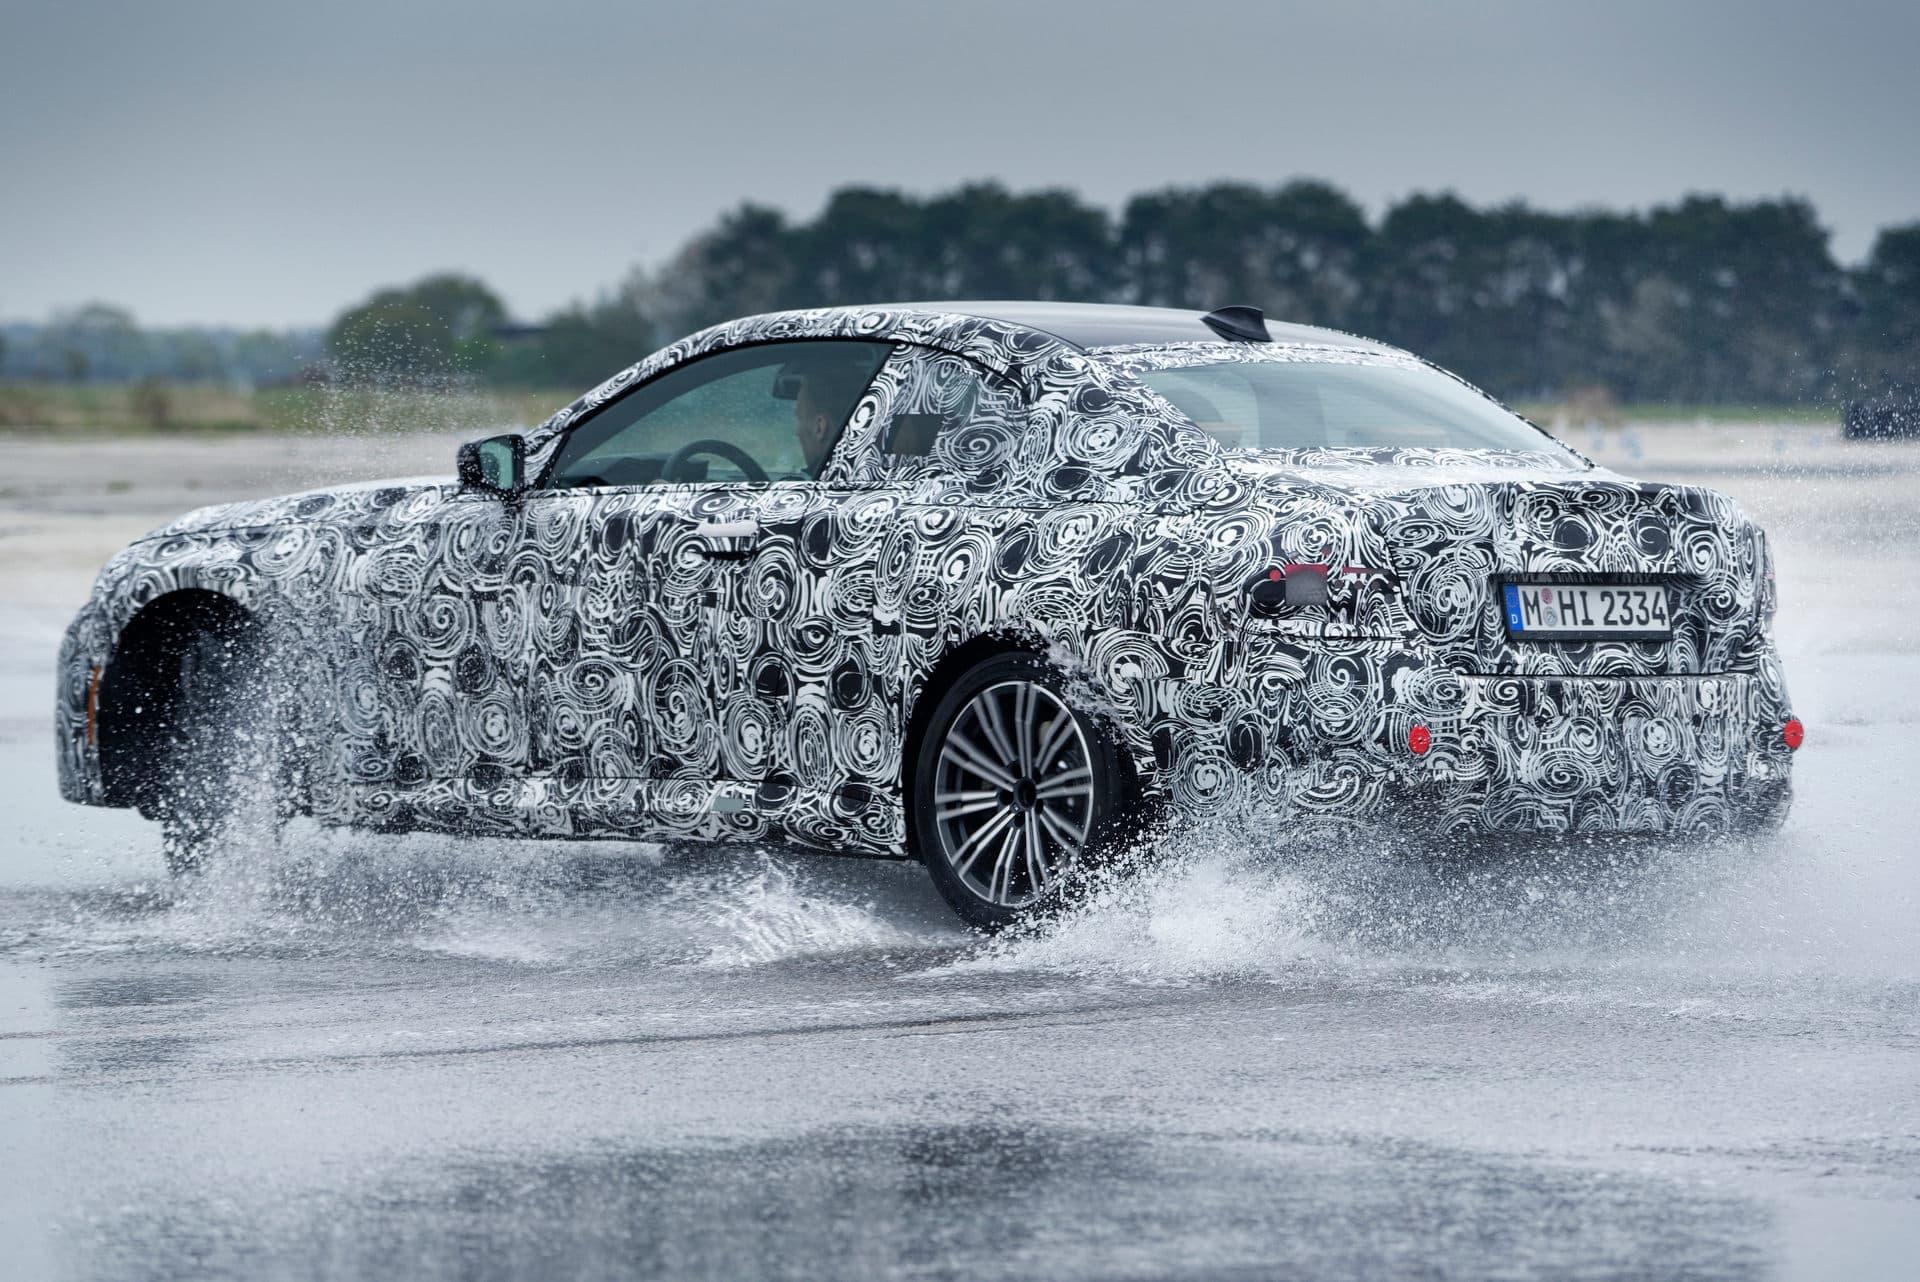 Сборка двухдверного BMW 2 серии стартует в конце лета, и примерно тогда же состоится премьера. Мы уже видели шпионские снимки модели, а новые фотографии опубликовал сам производитель.